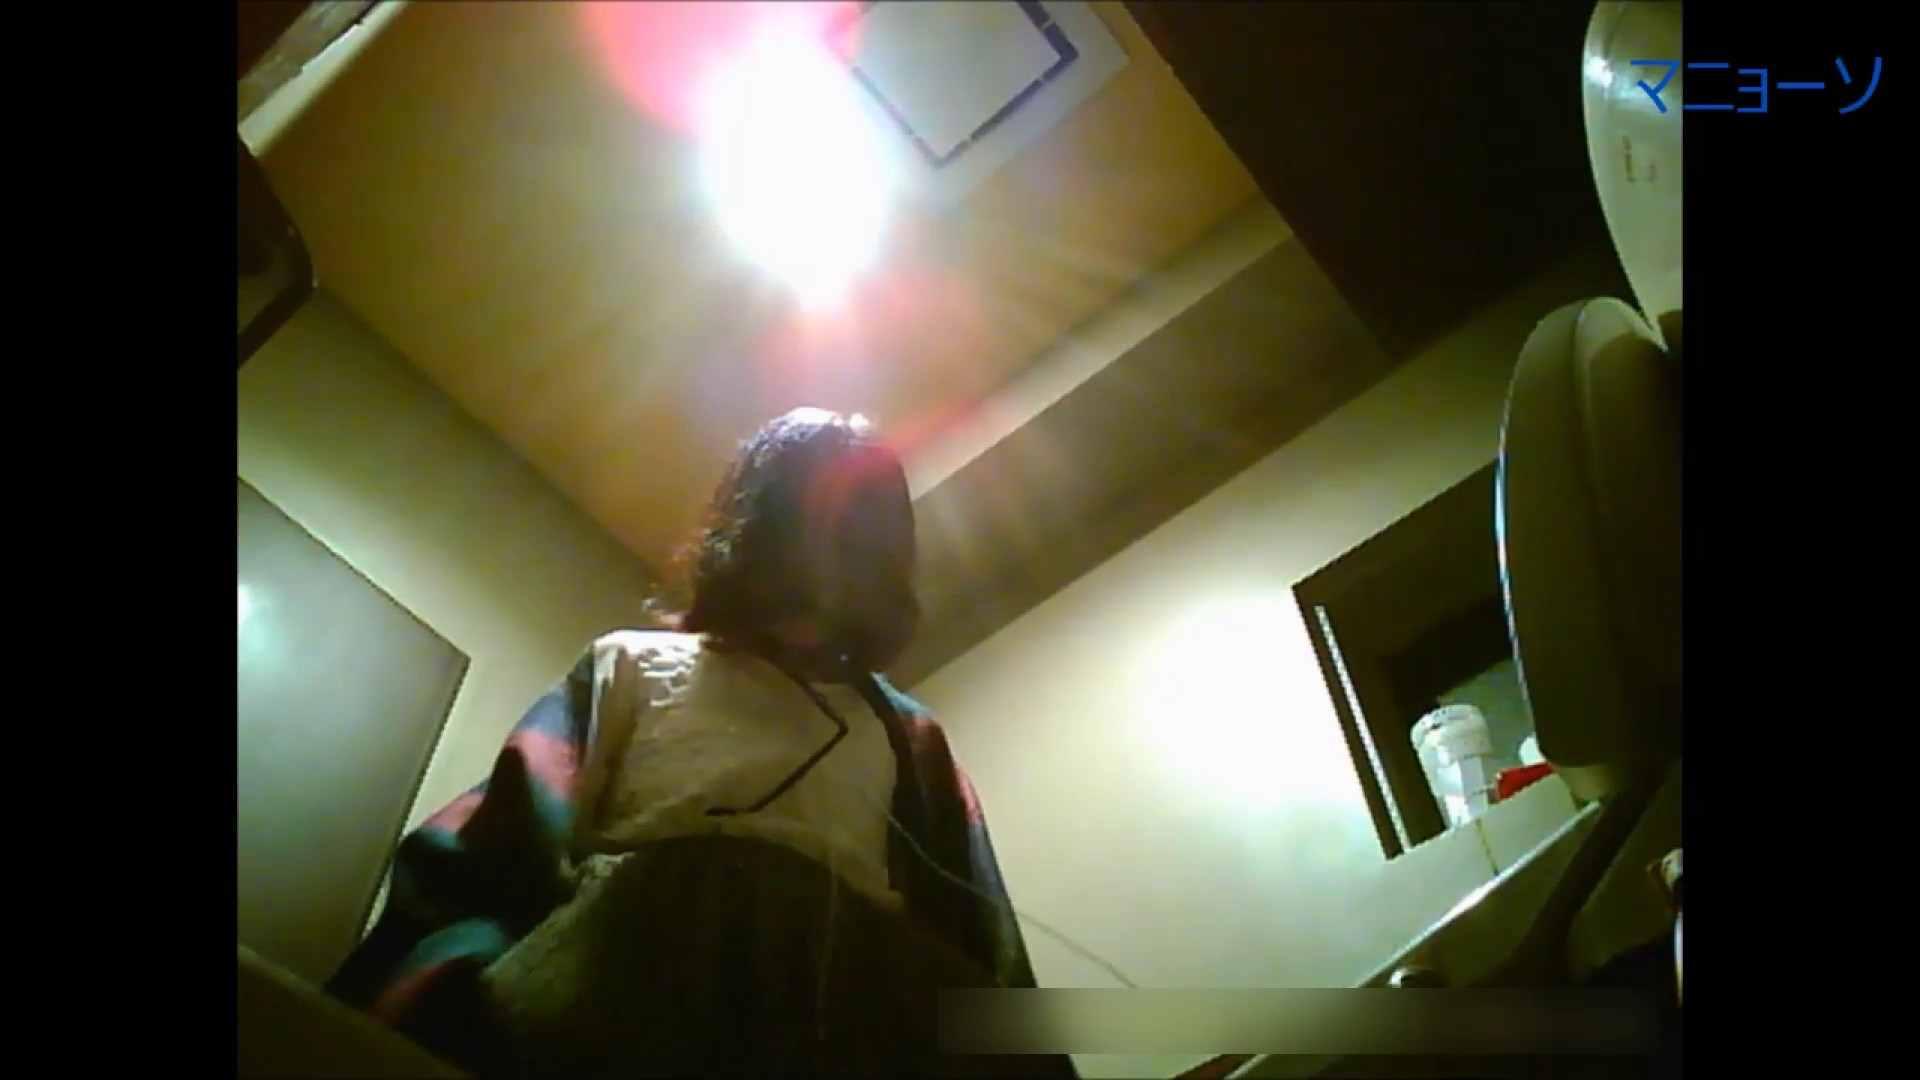 トイレでひと肌脱いでもらいました (JD編)Vol.01 トイレ中 | OL  67連発 28